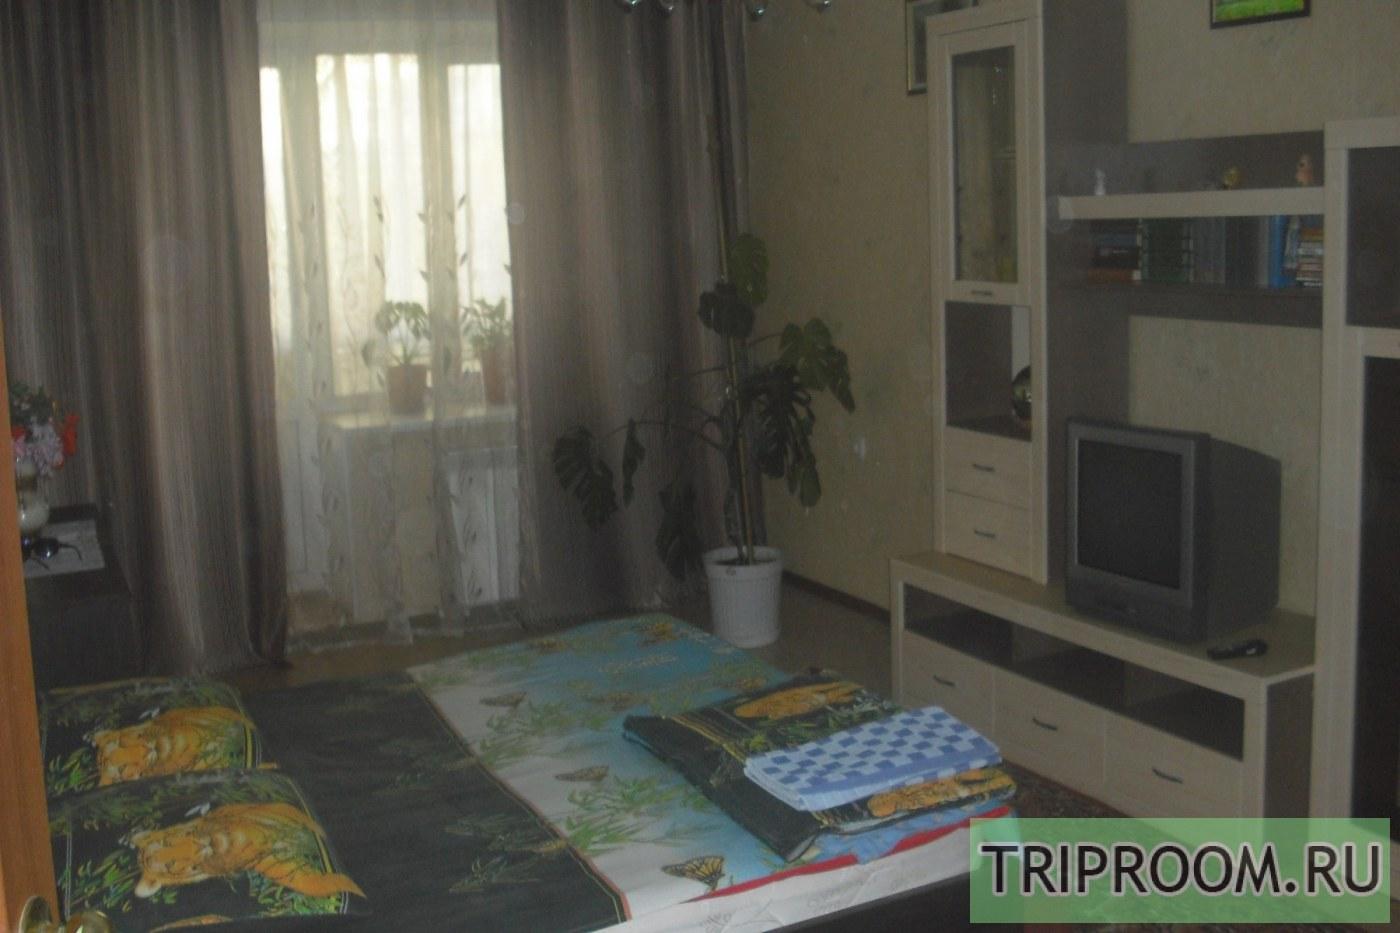 1-комнатная квартира посуточно (вариант № 39359), ул. Ивана Черных улица, фото № 4